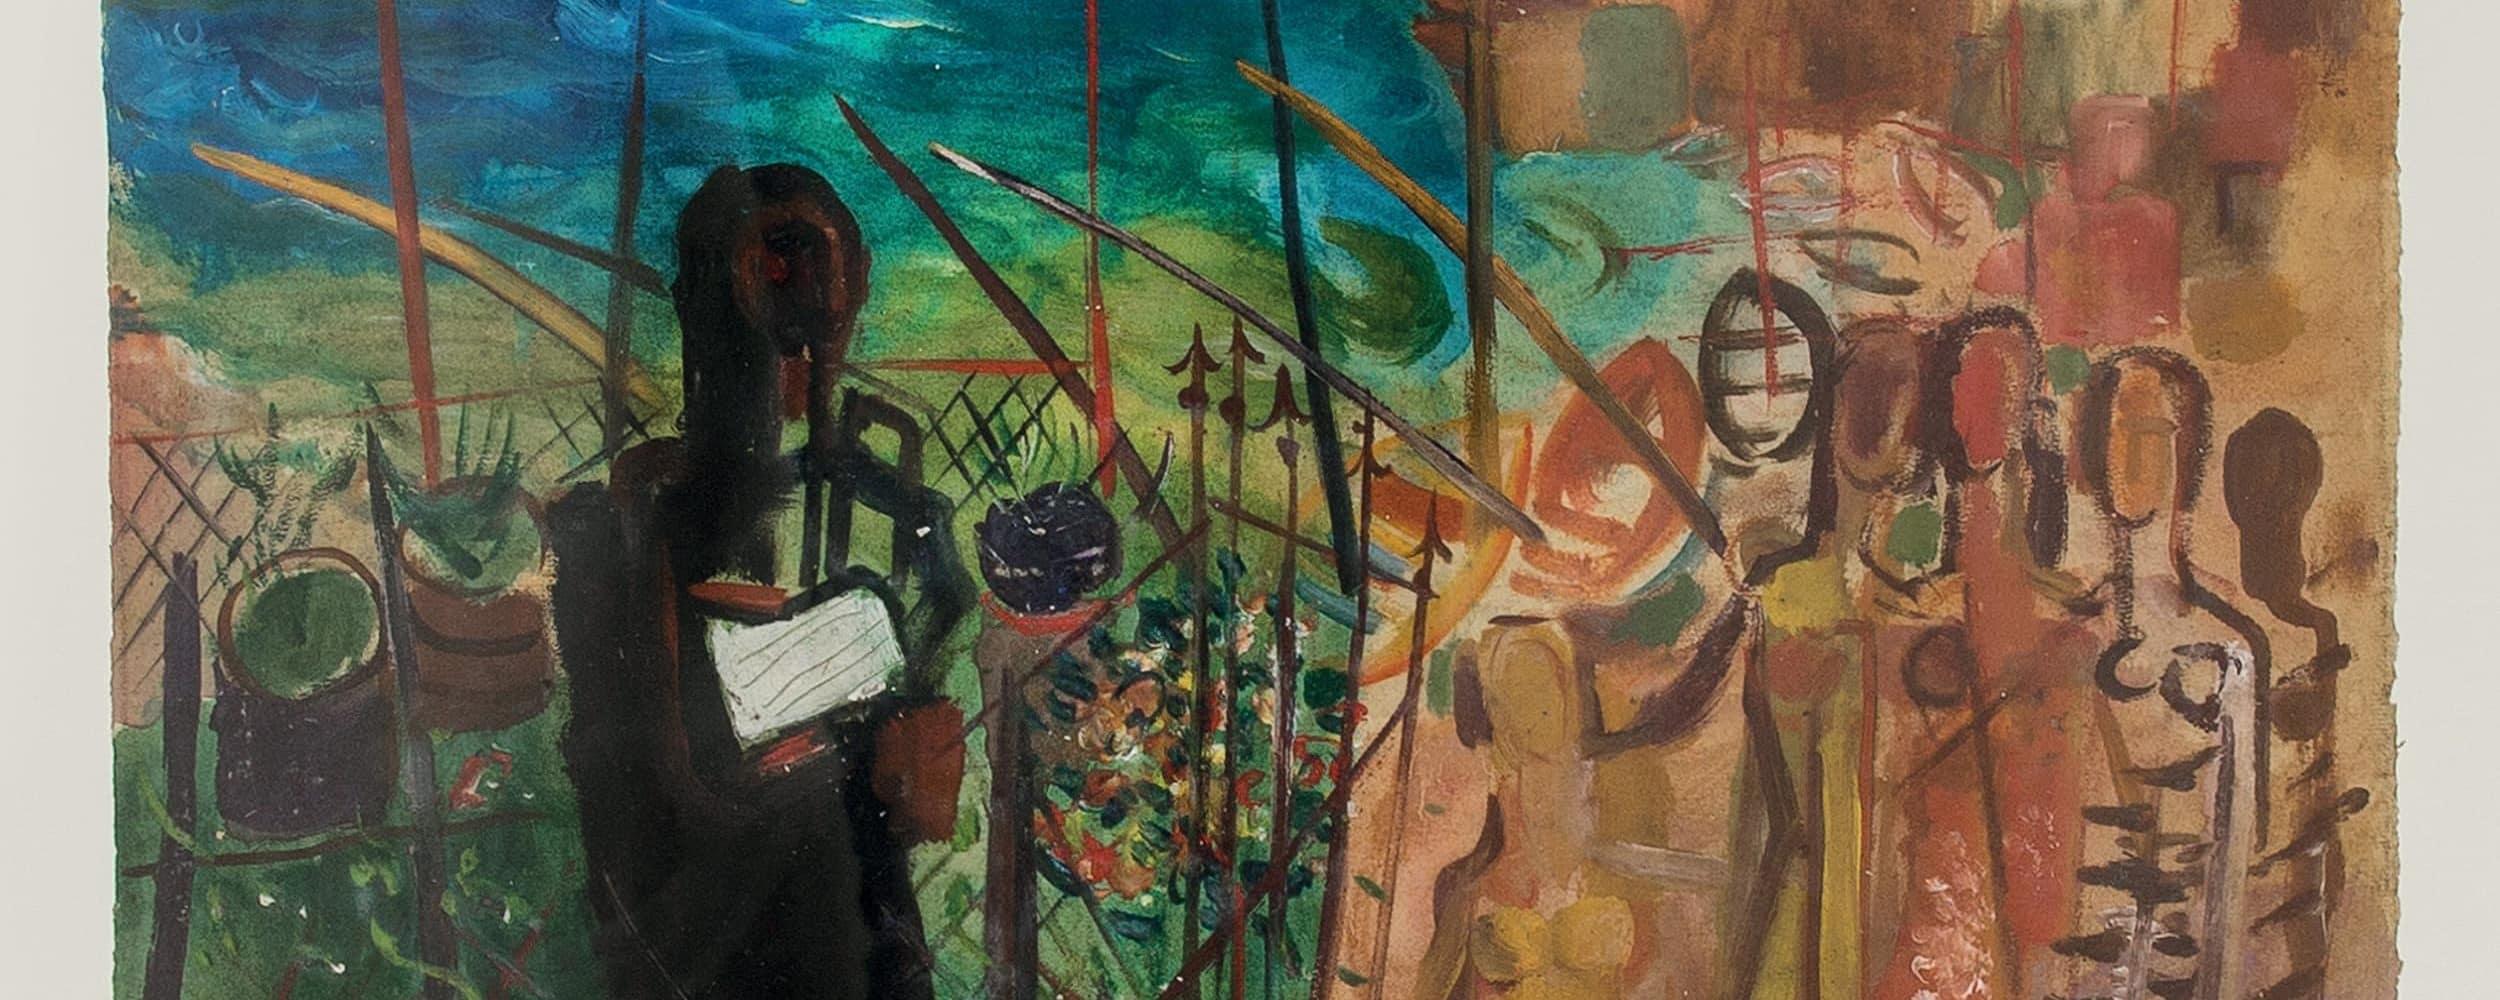 Prozession am Mittelmeer  | 1932